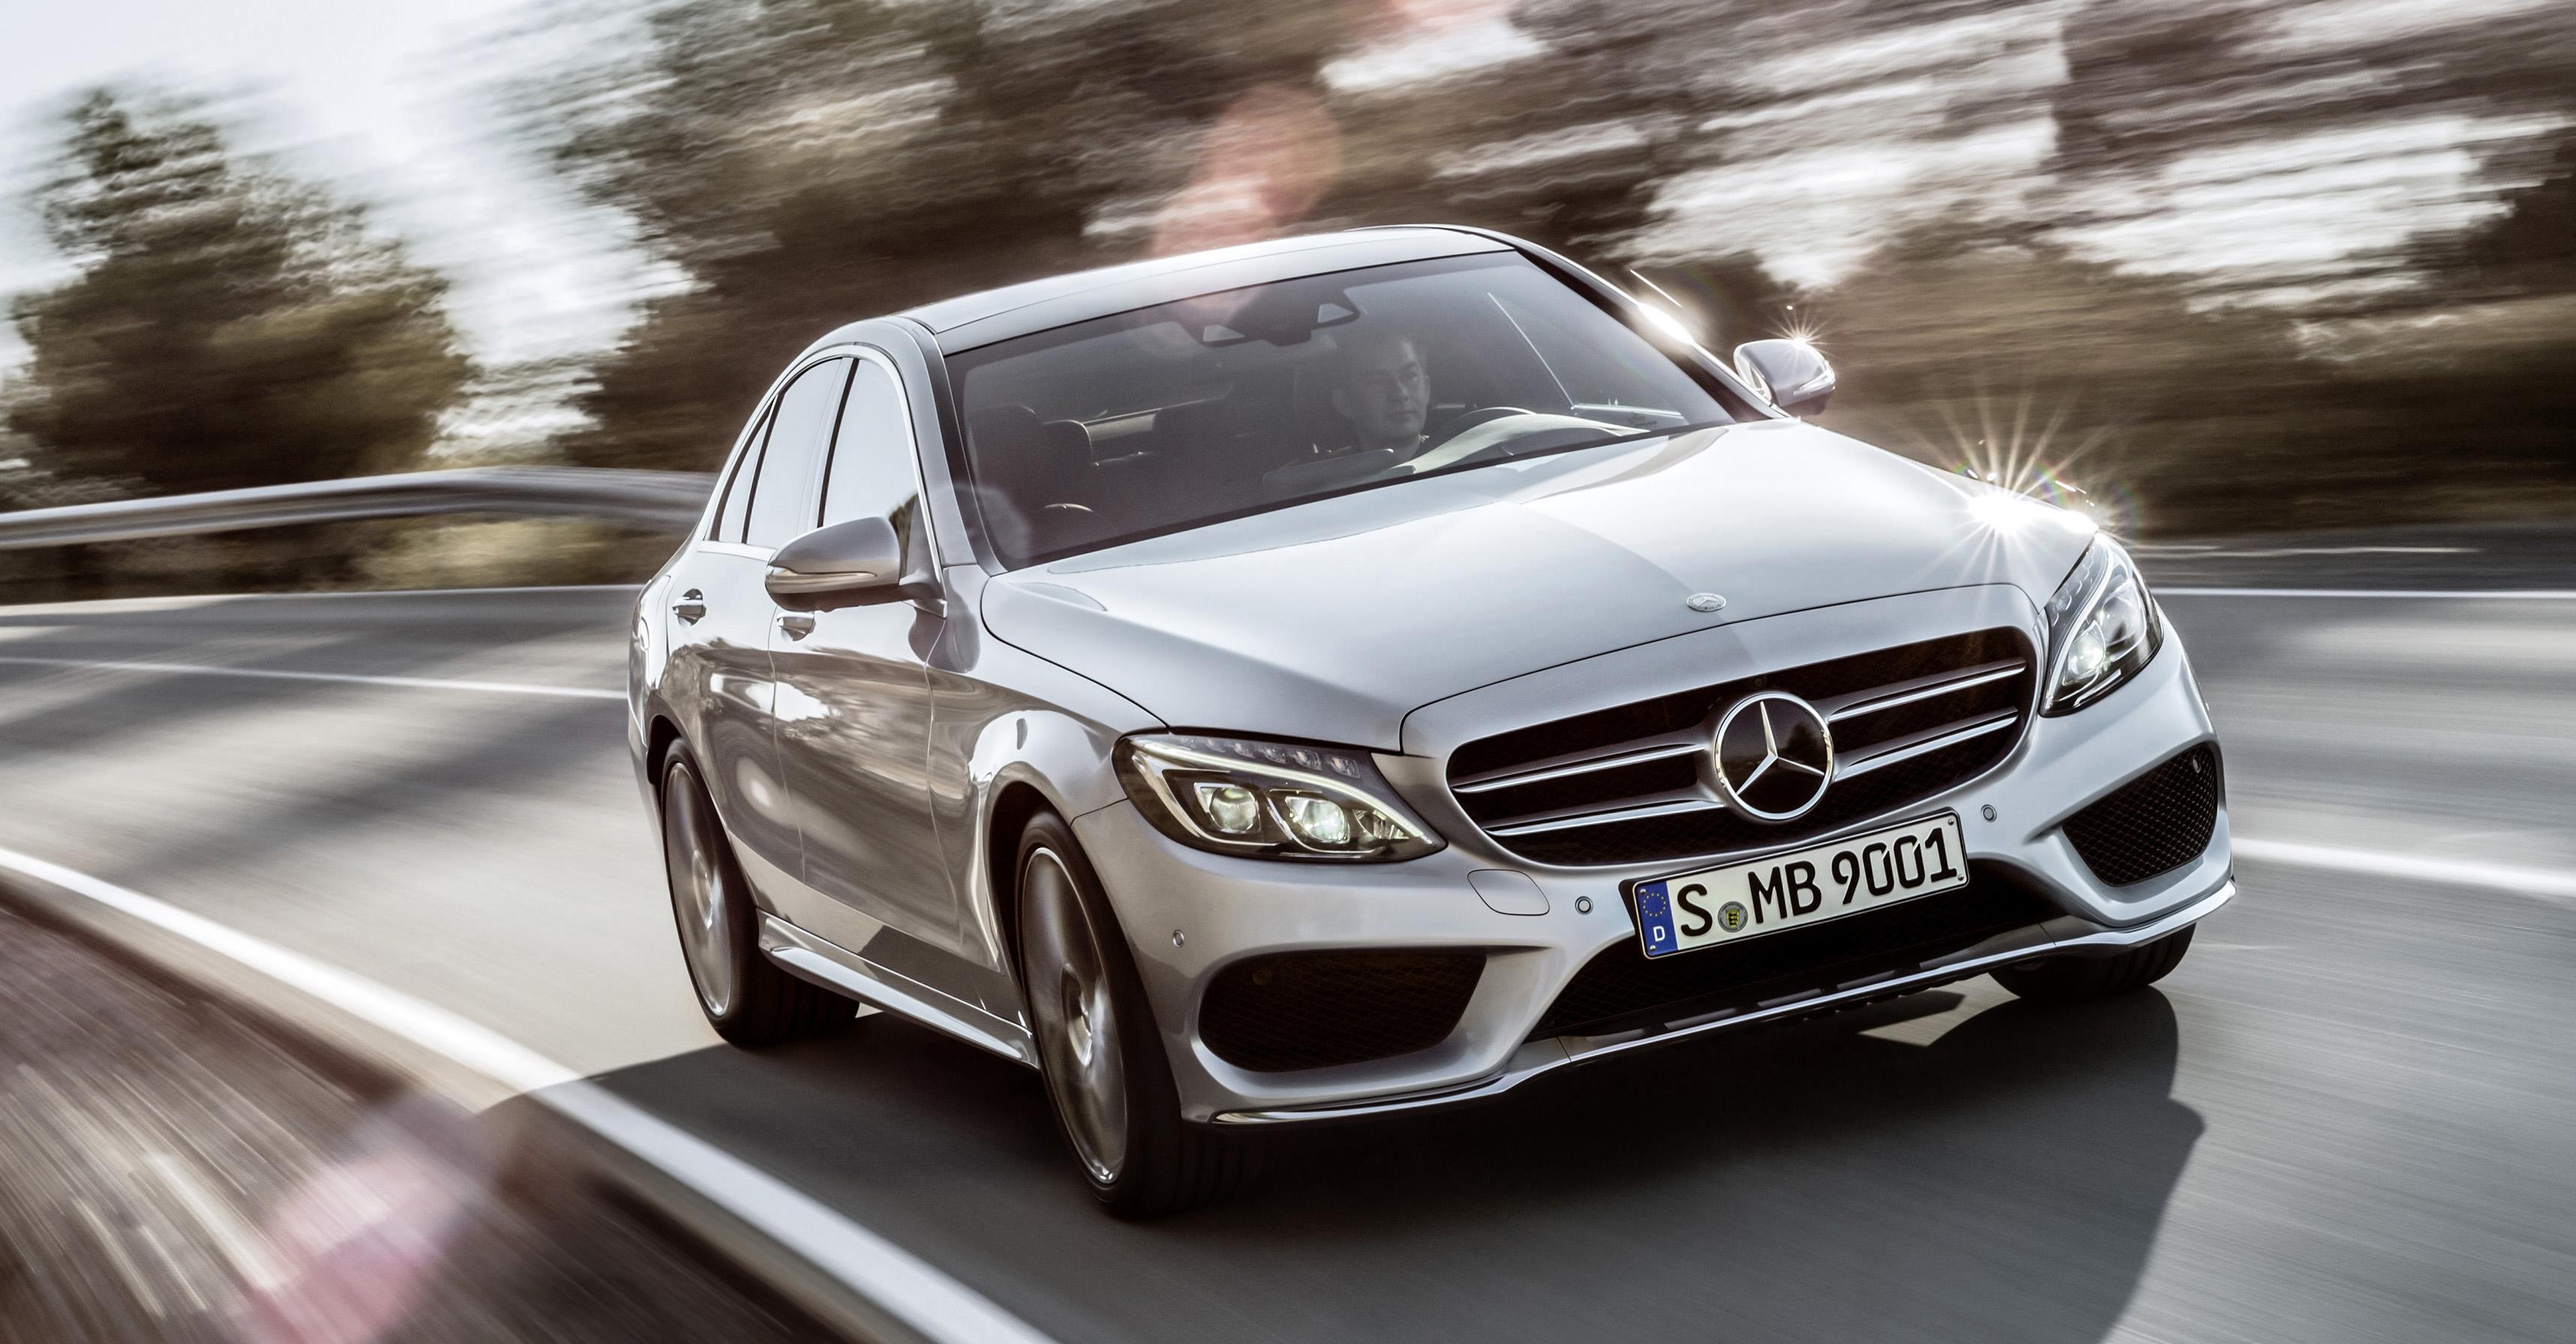 Mercedes-Benz C-klasse IV (W205) 2014 - now Coupe #2